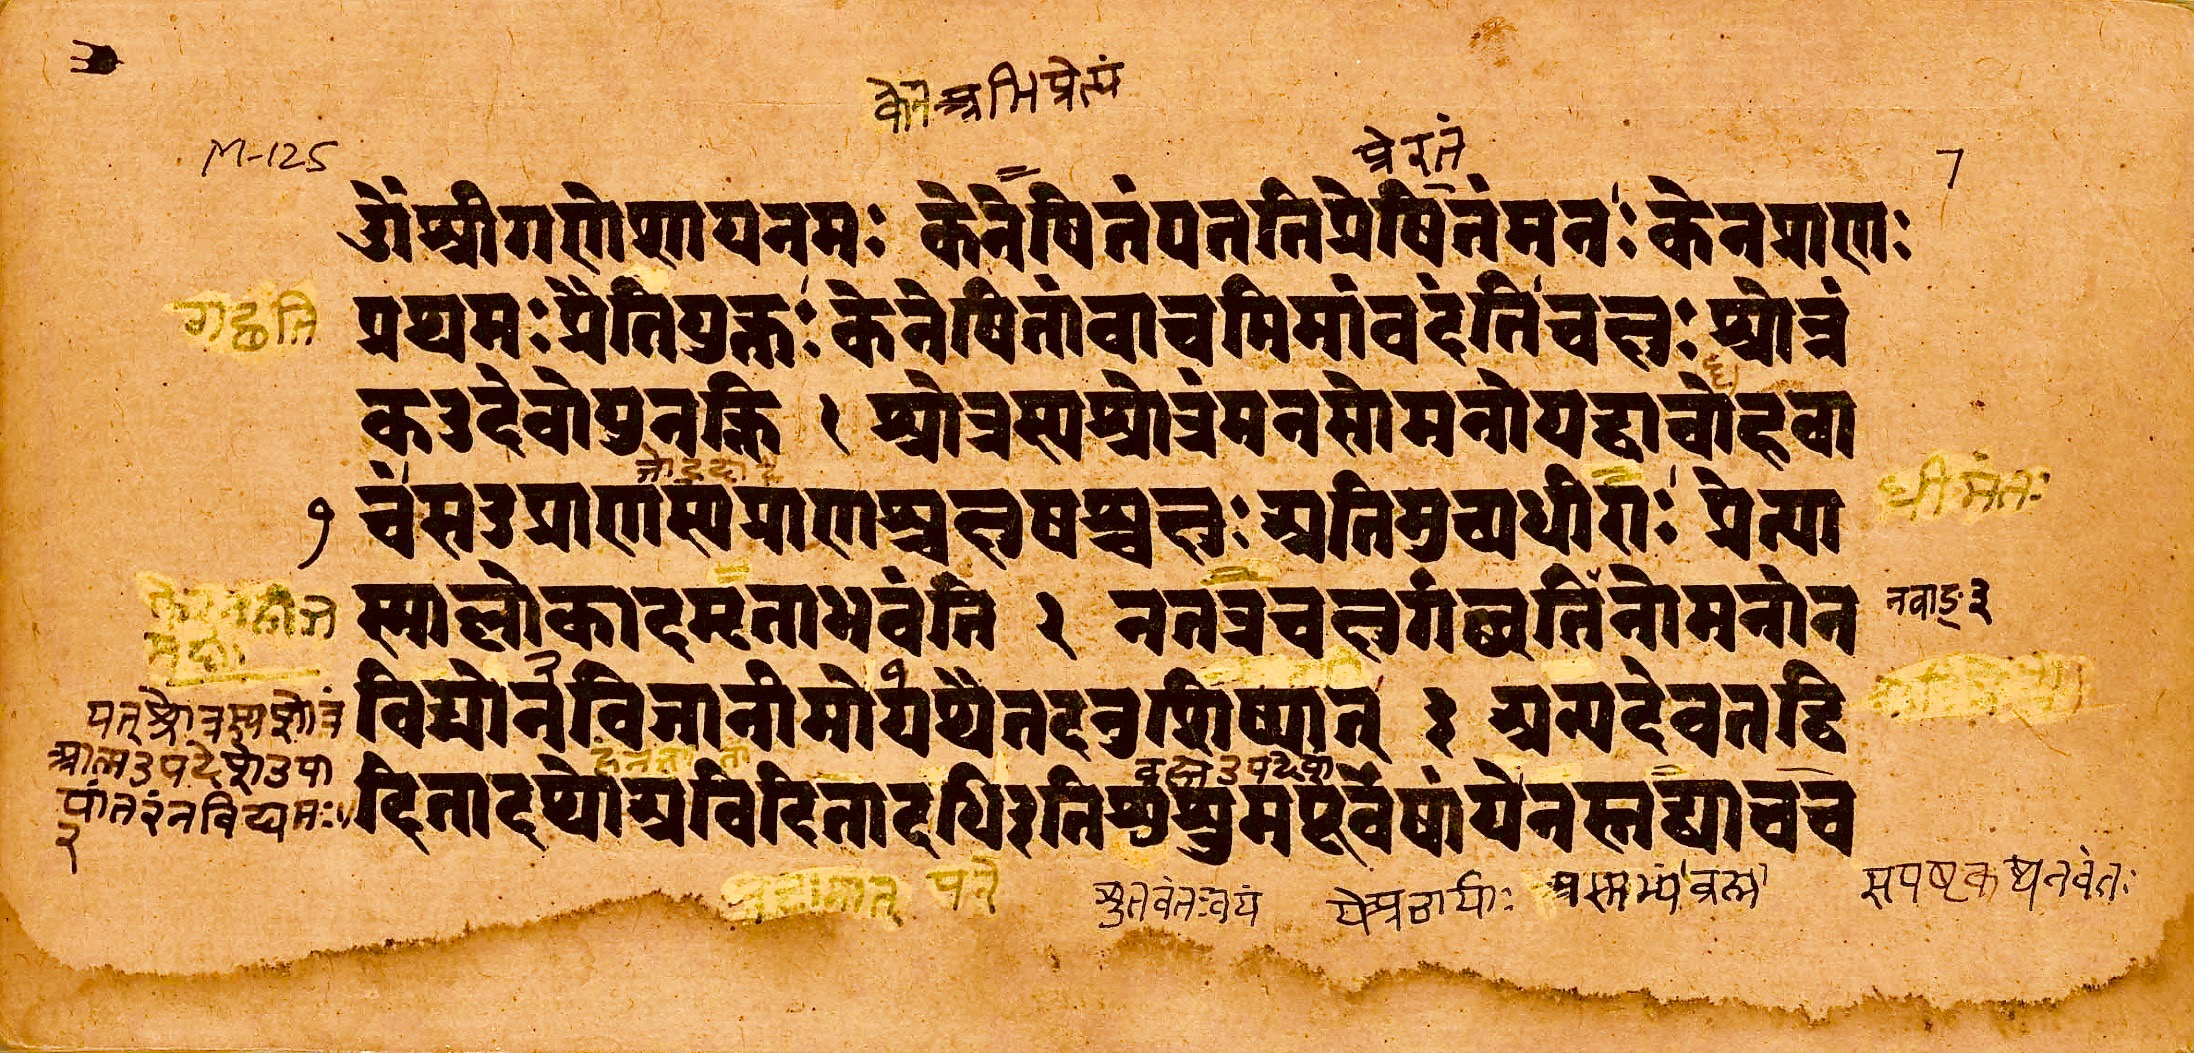 mahanarayana upanishad mp3